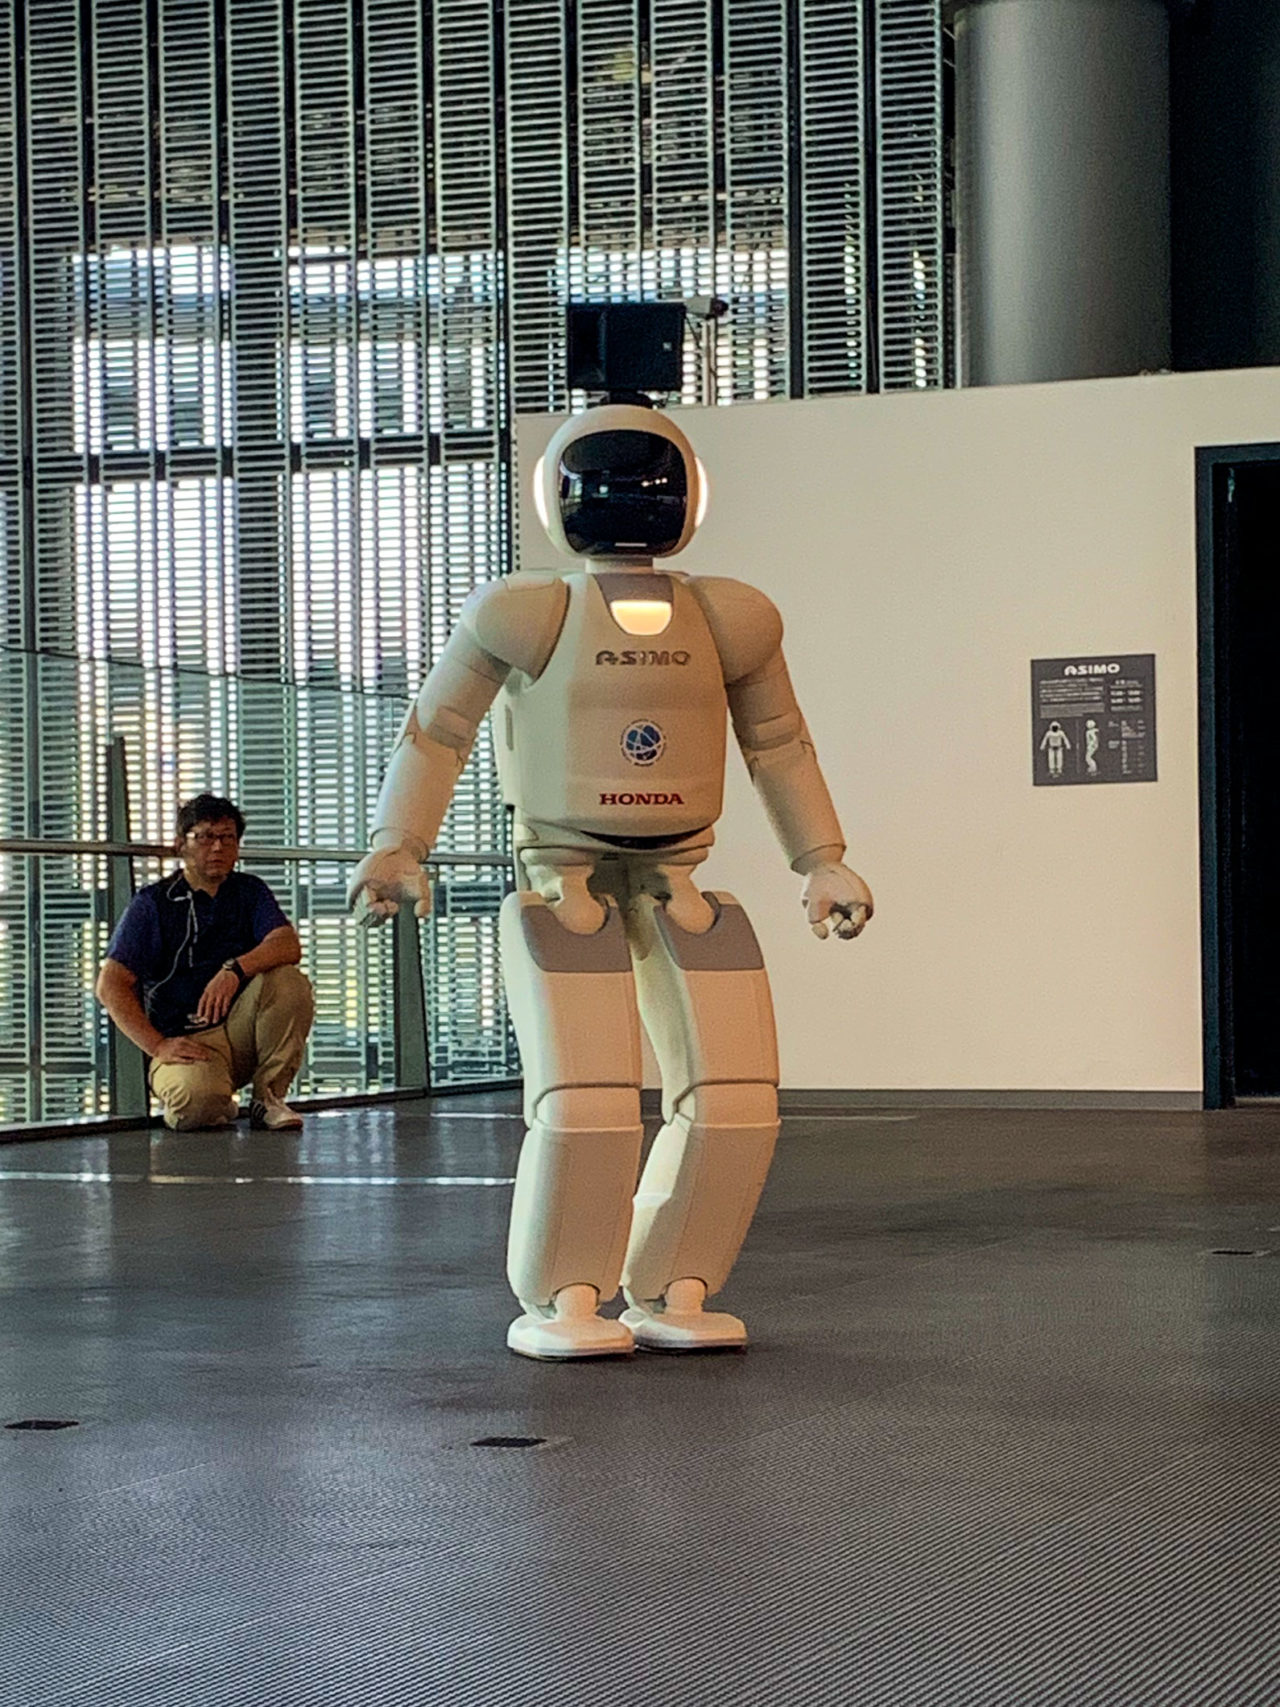 Tokyo Asimo humanoid robot